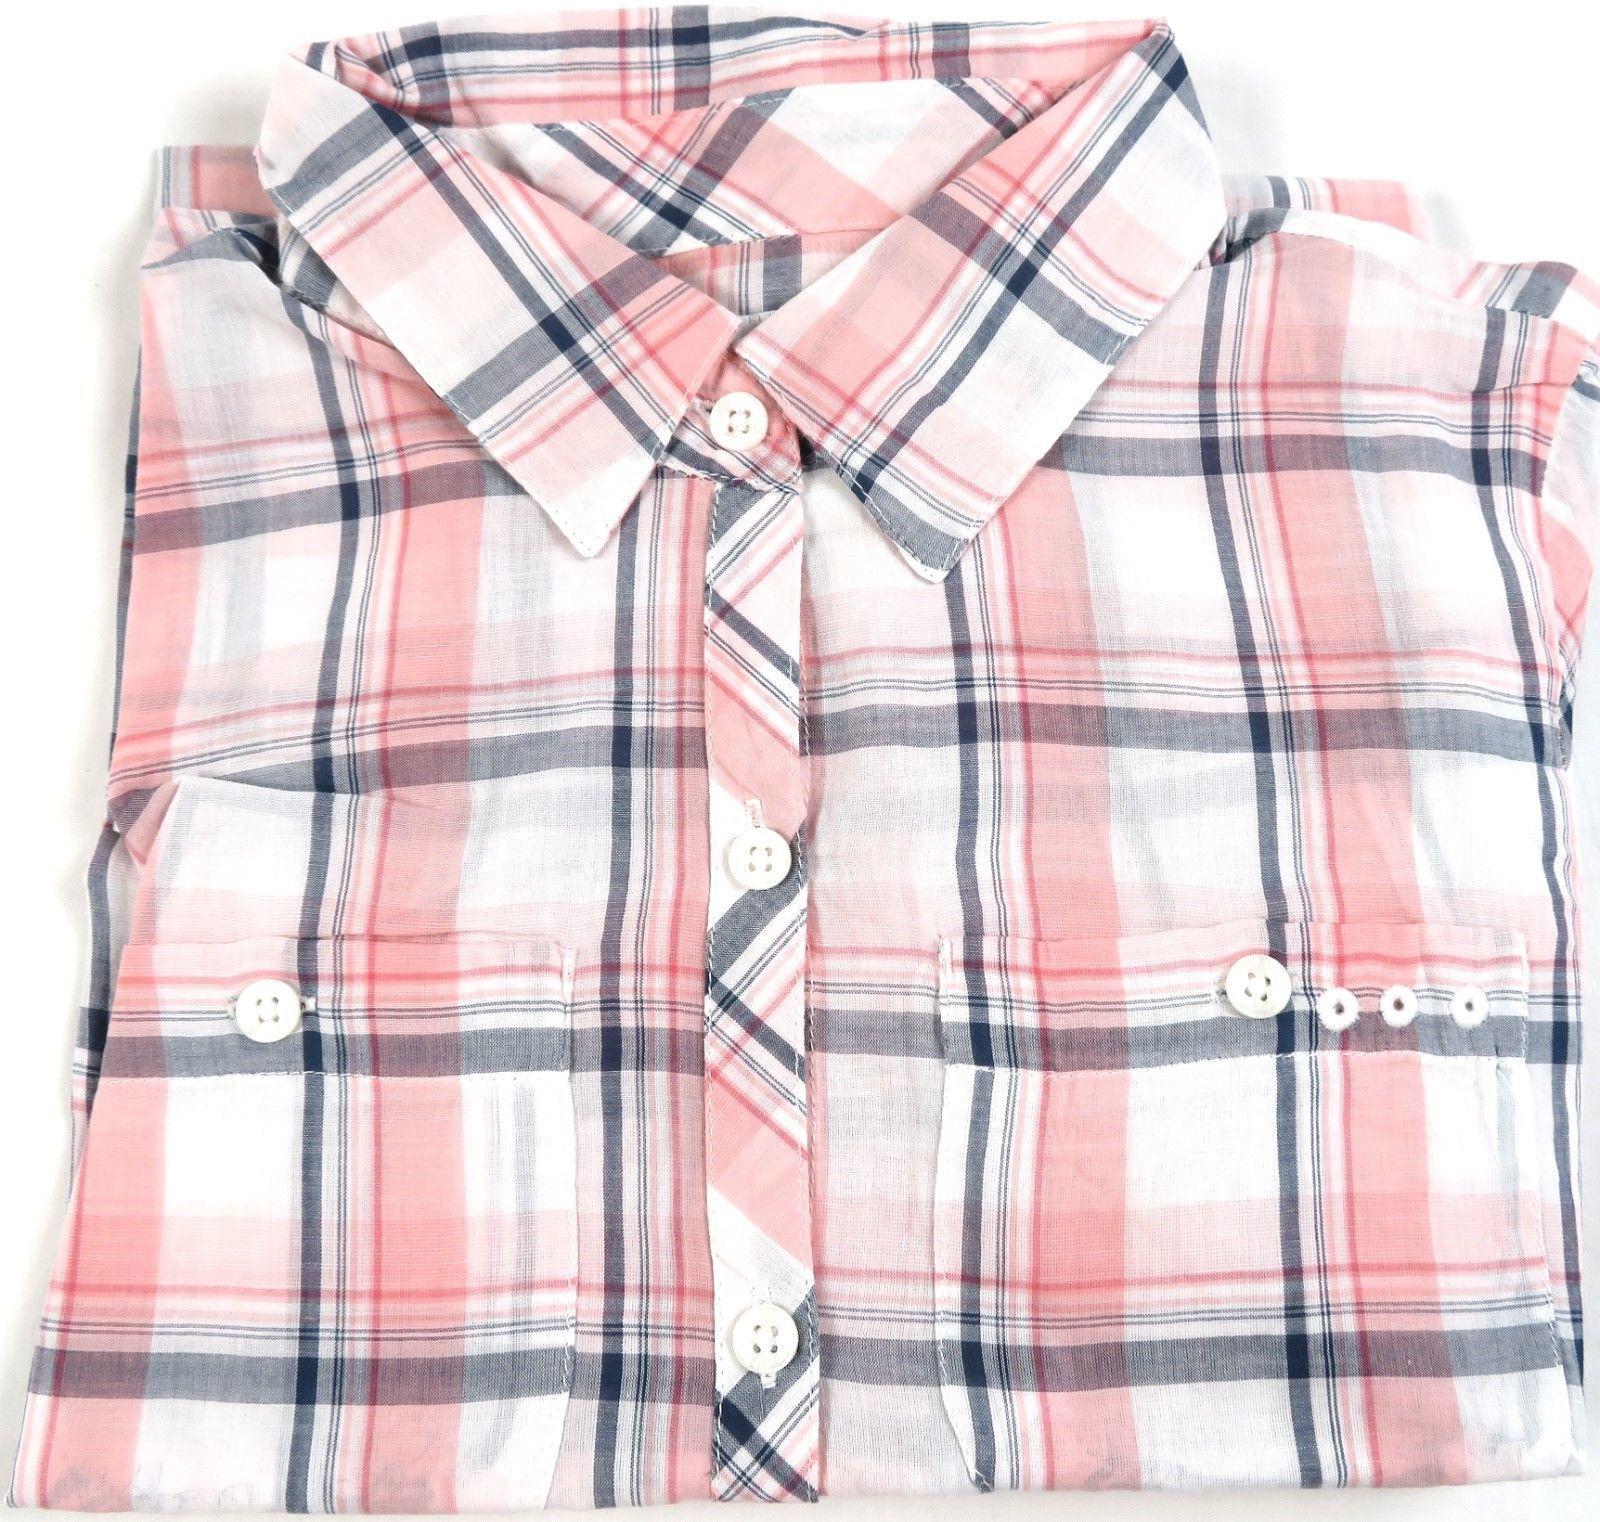 Columbia PFG Women's Shirt 2-pocket Long Sleeve Woven Button Down Melonade